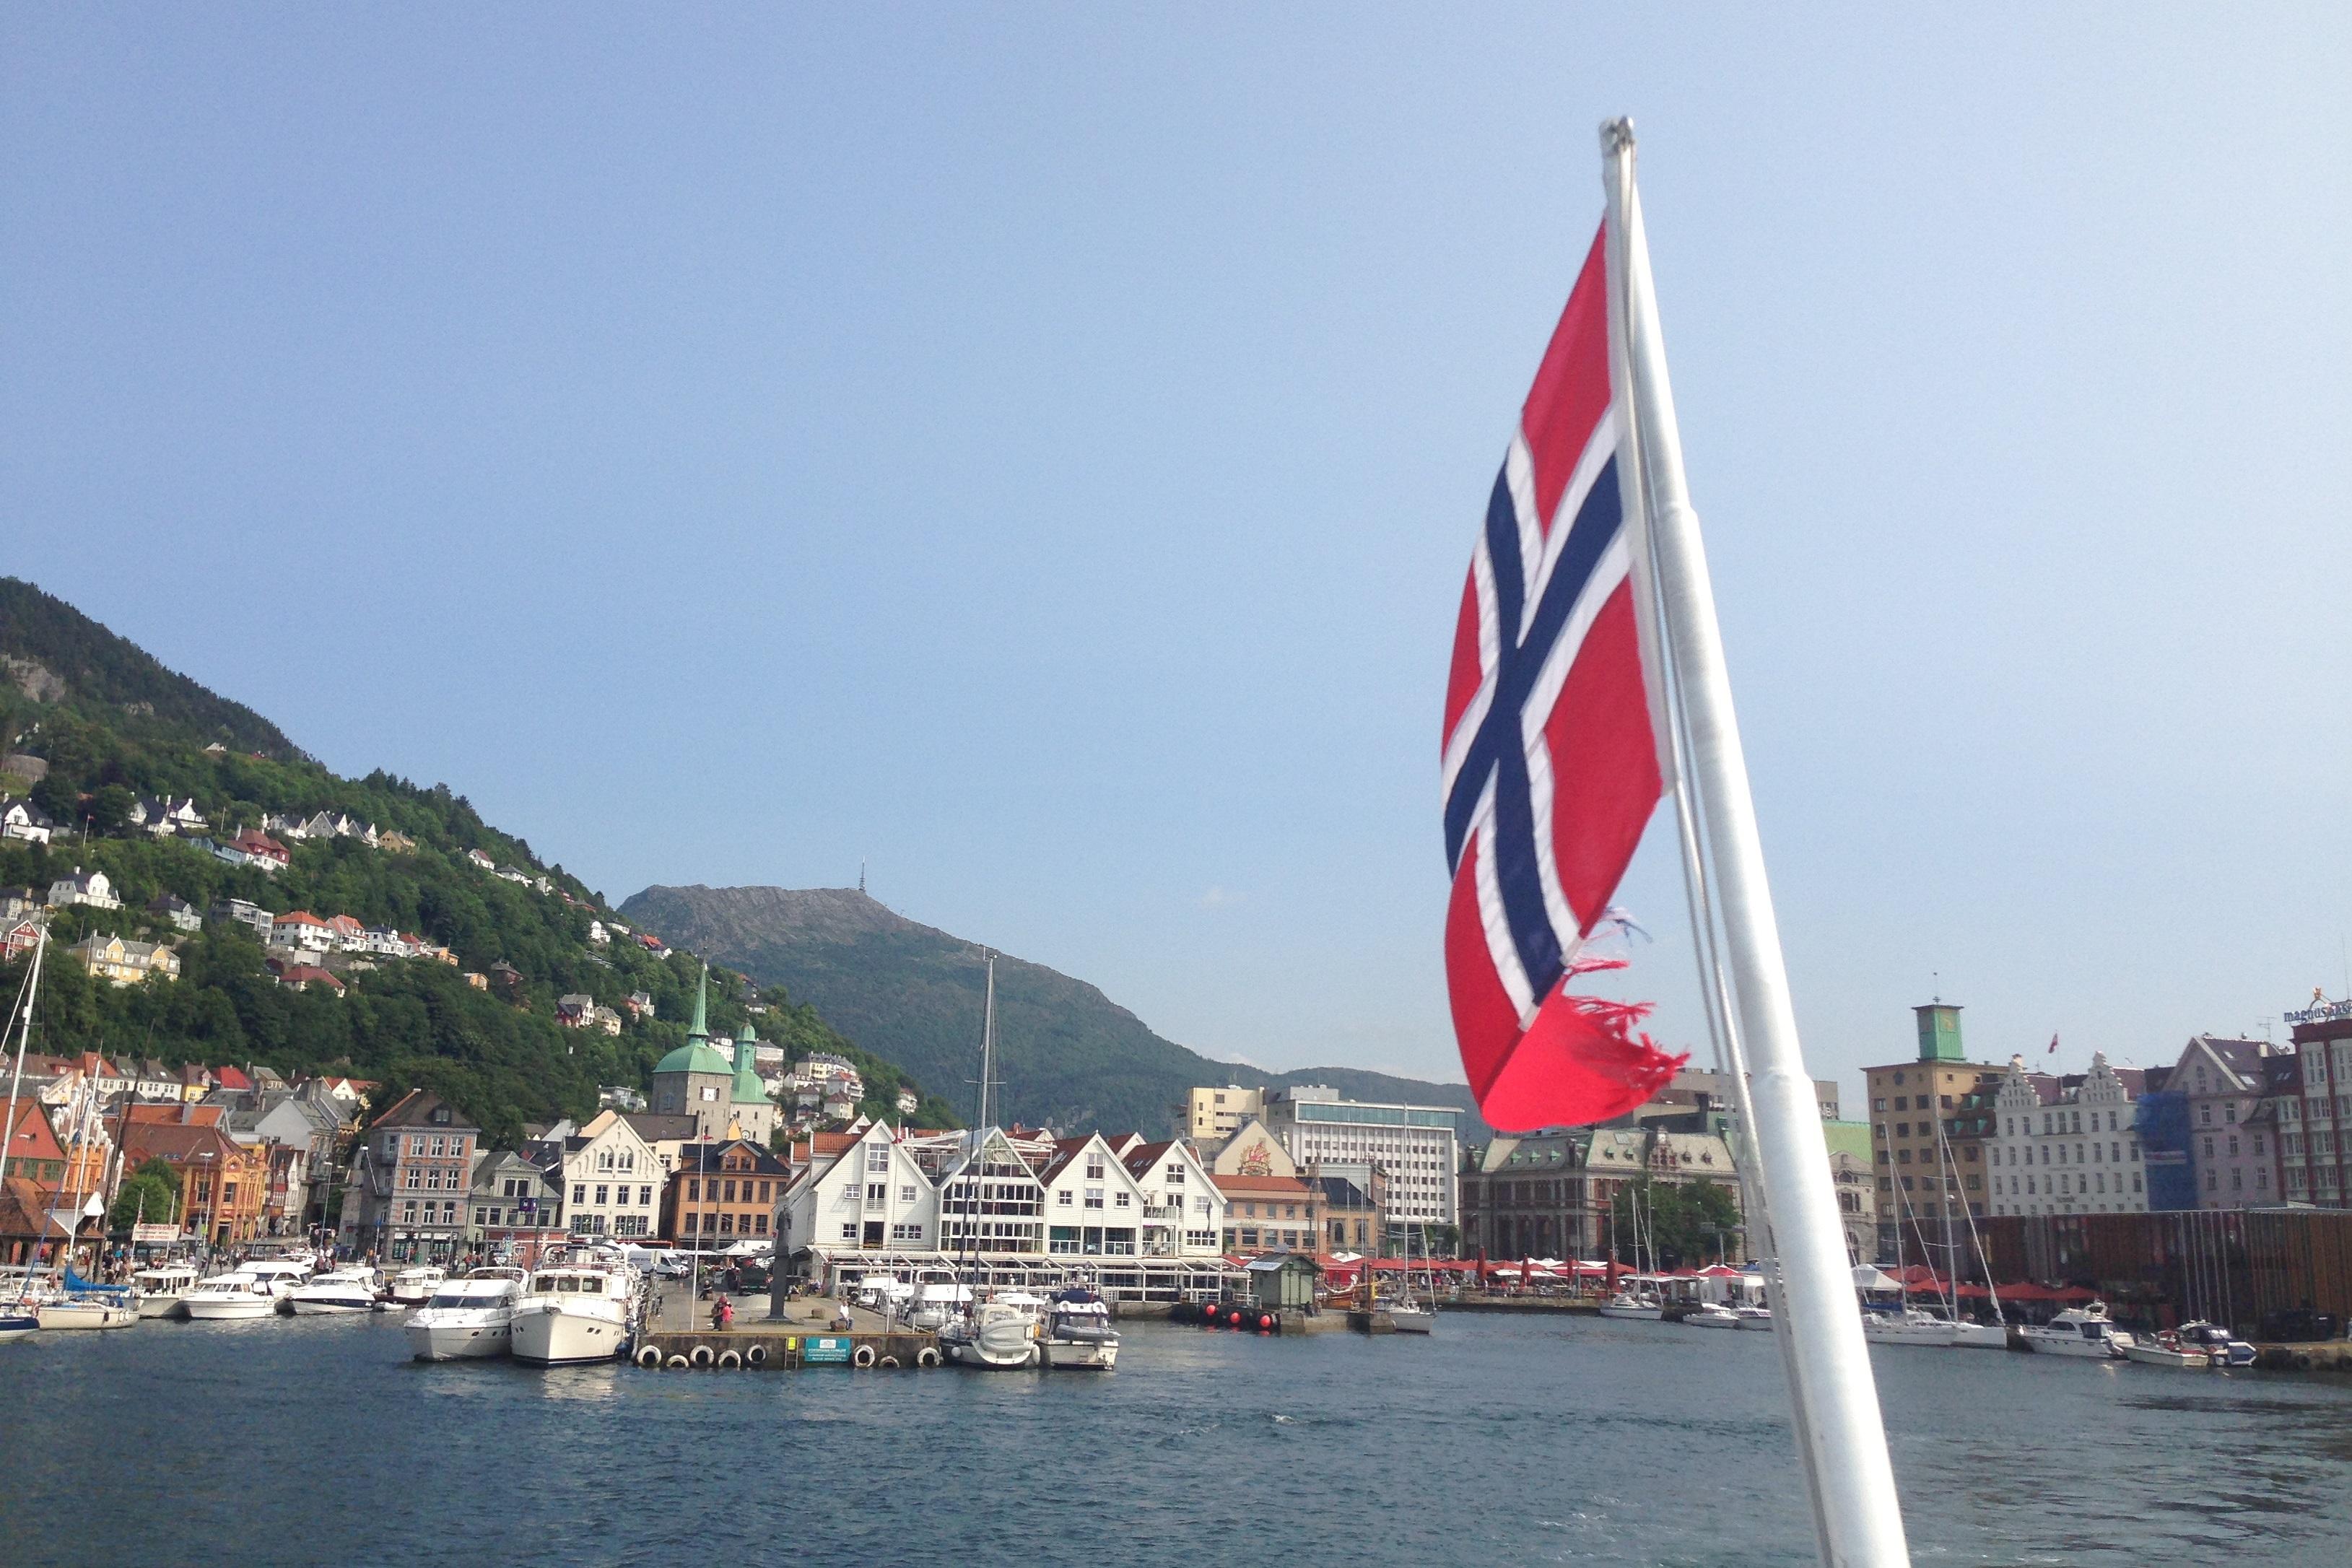 Fjordcruise Bergen - Rosendal and Folgefonn Center